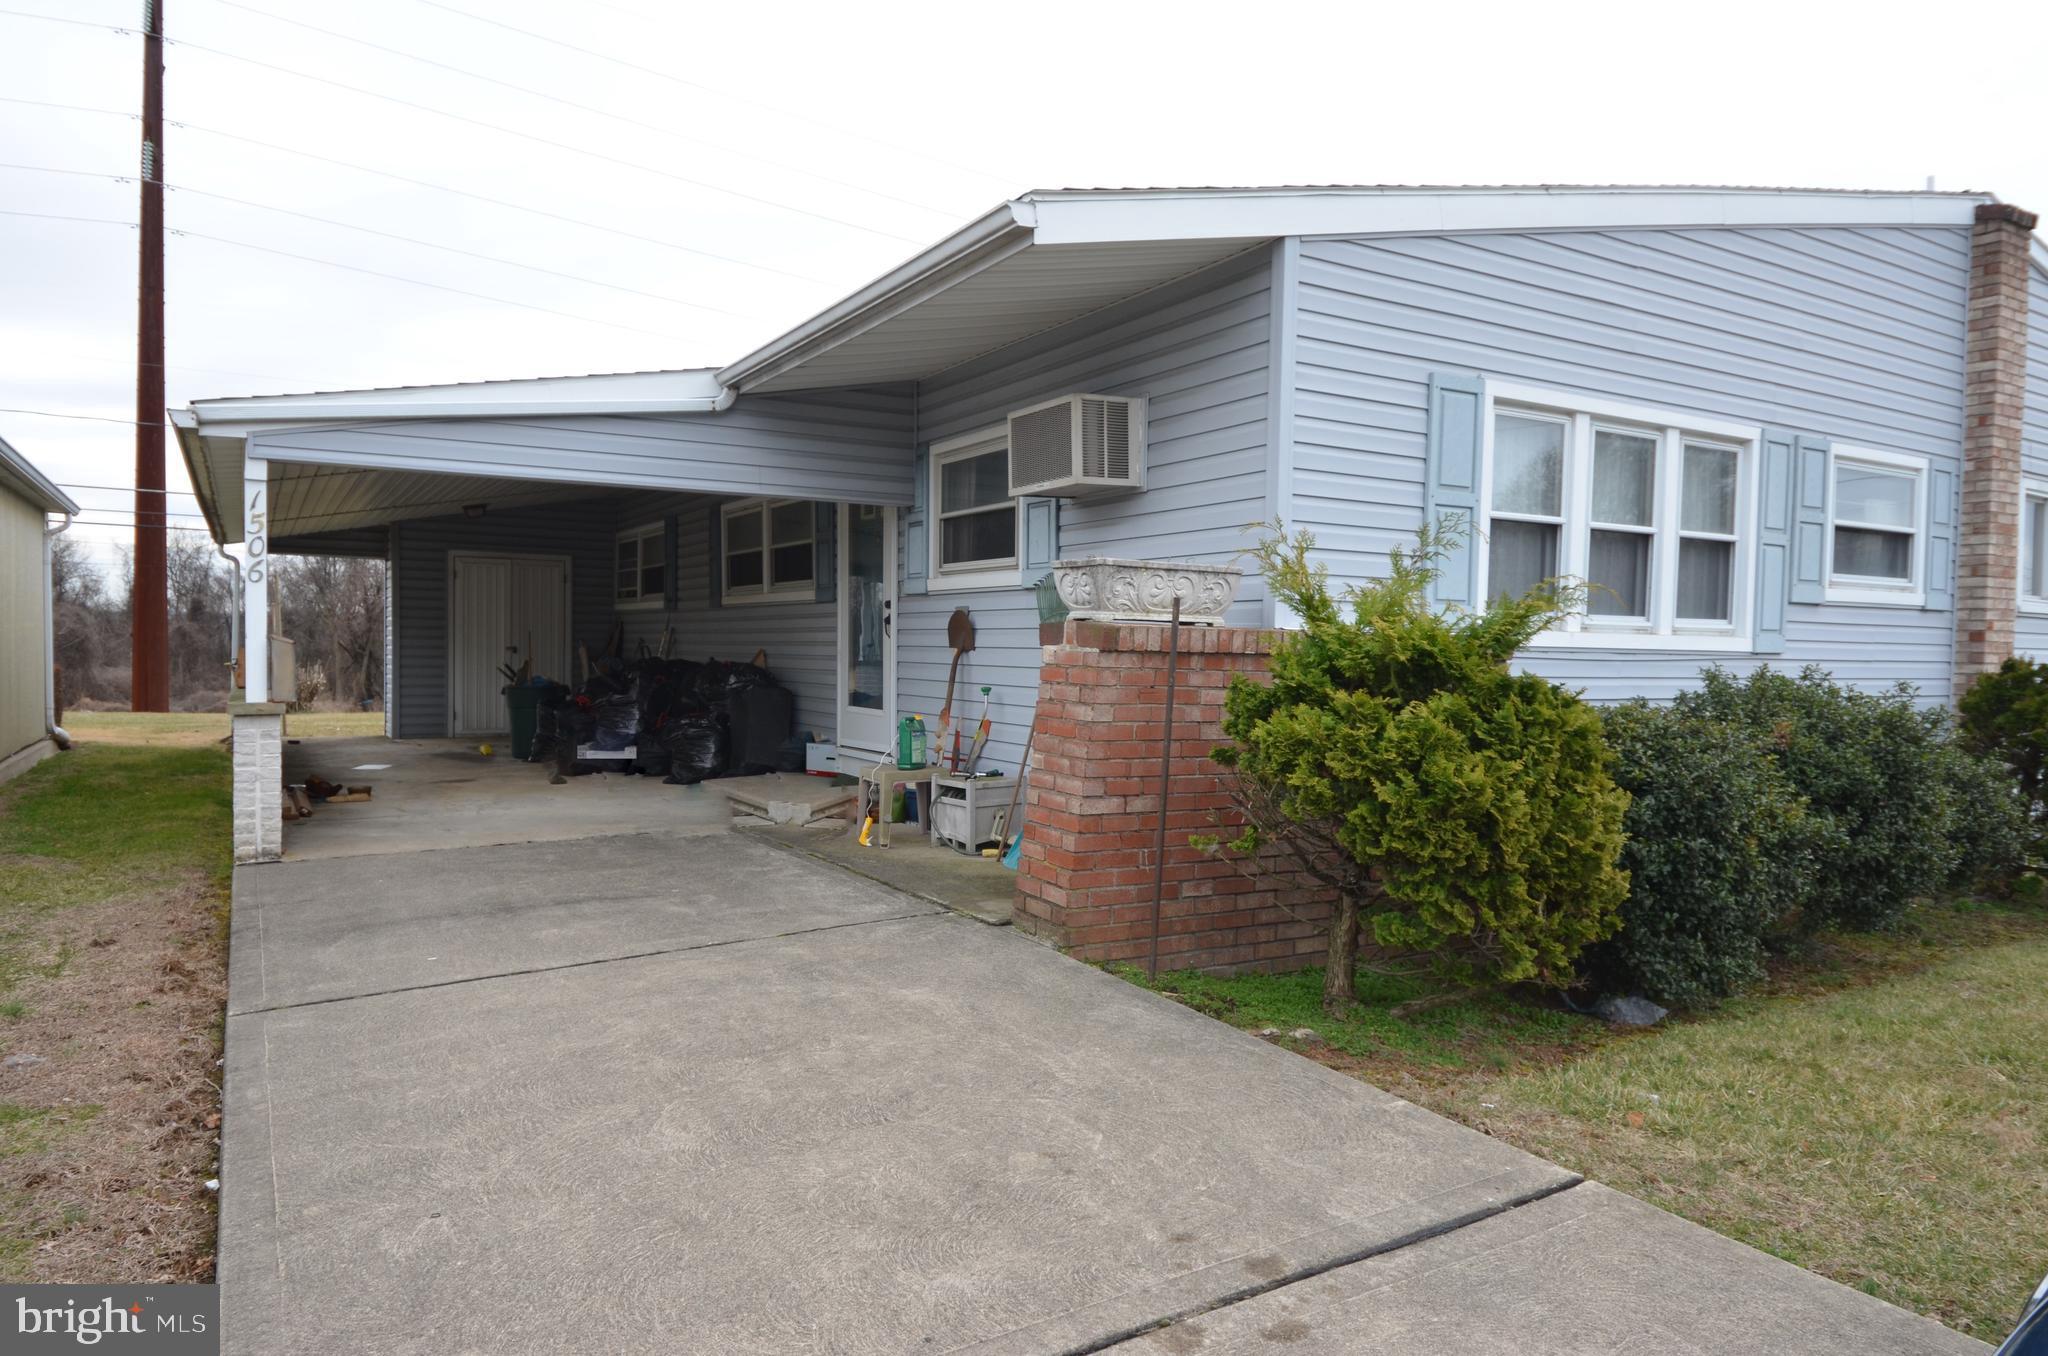 1506 LIVINGSTON STREET, BETHLEHEM, PA 18017